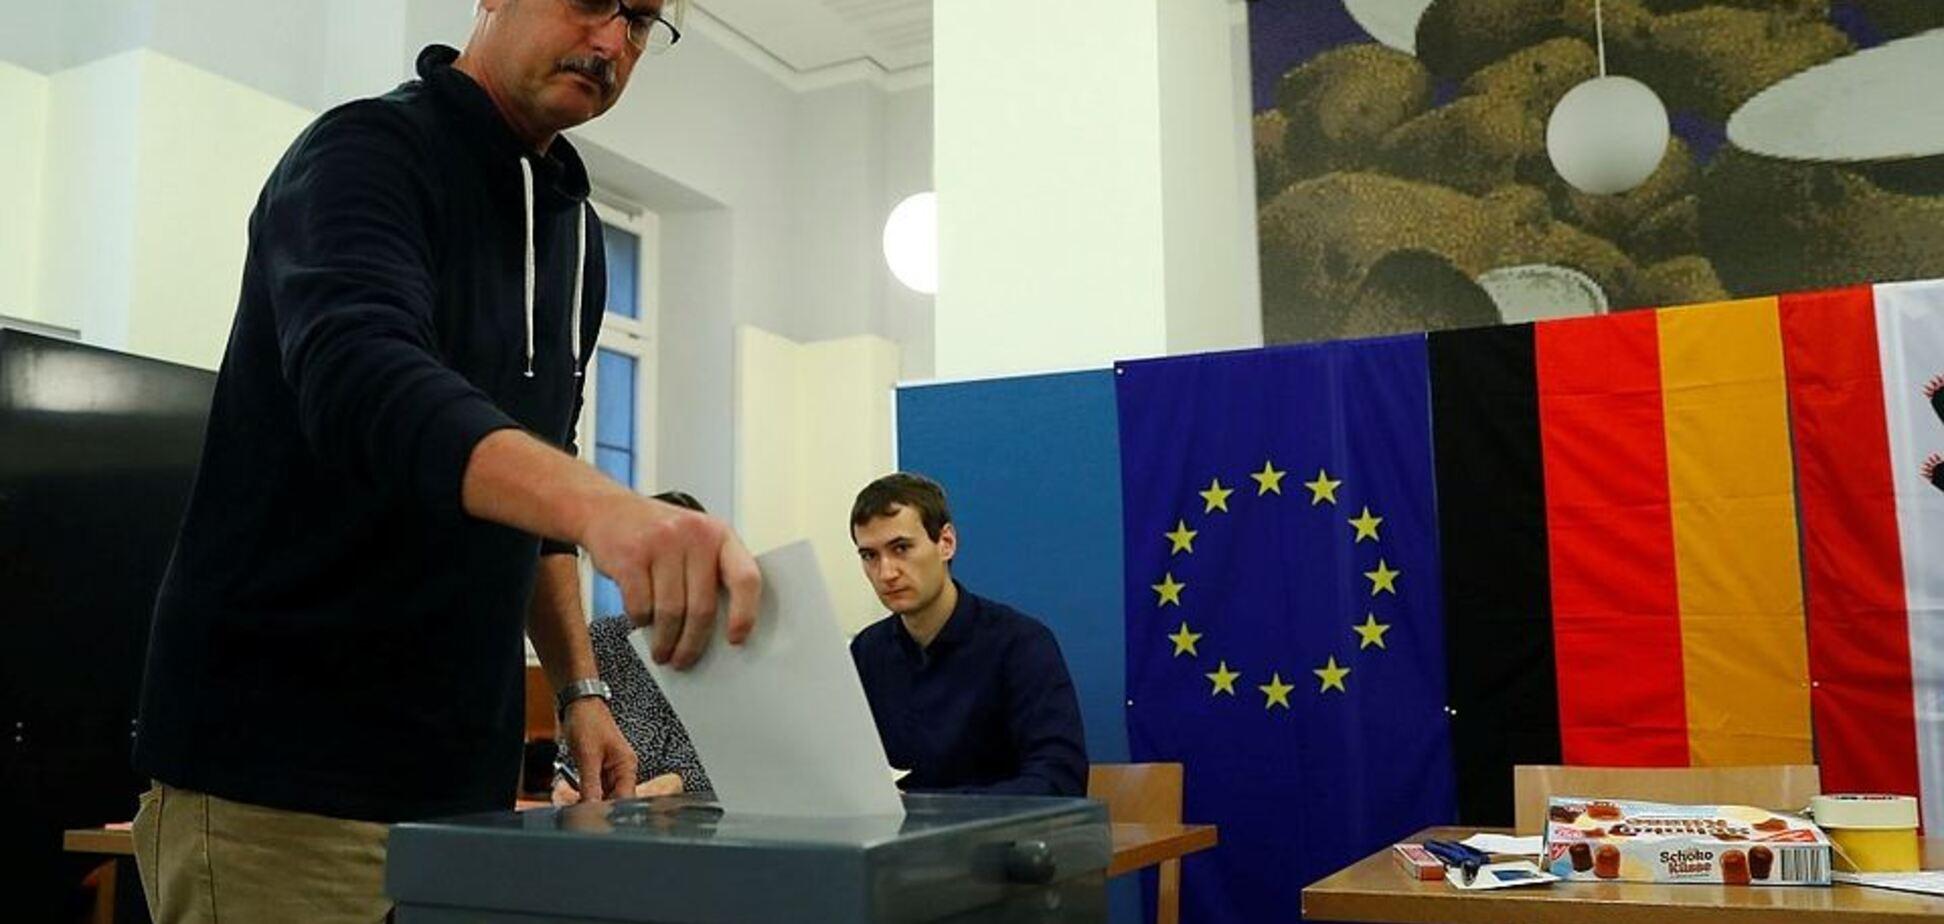 Выборы в Германии: стало известно, кто побеждает